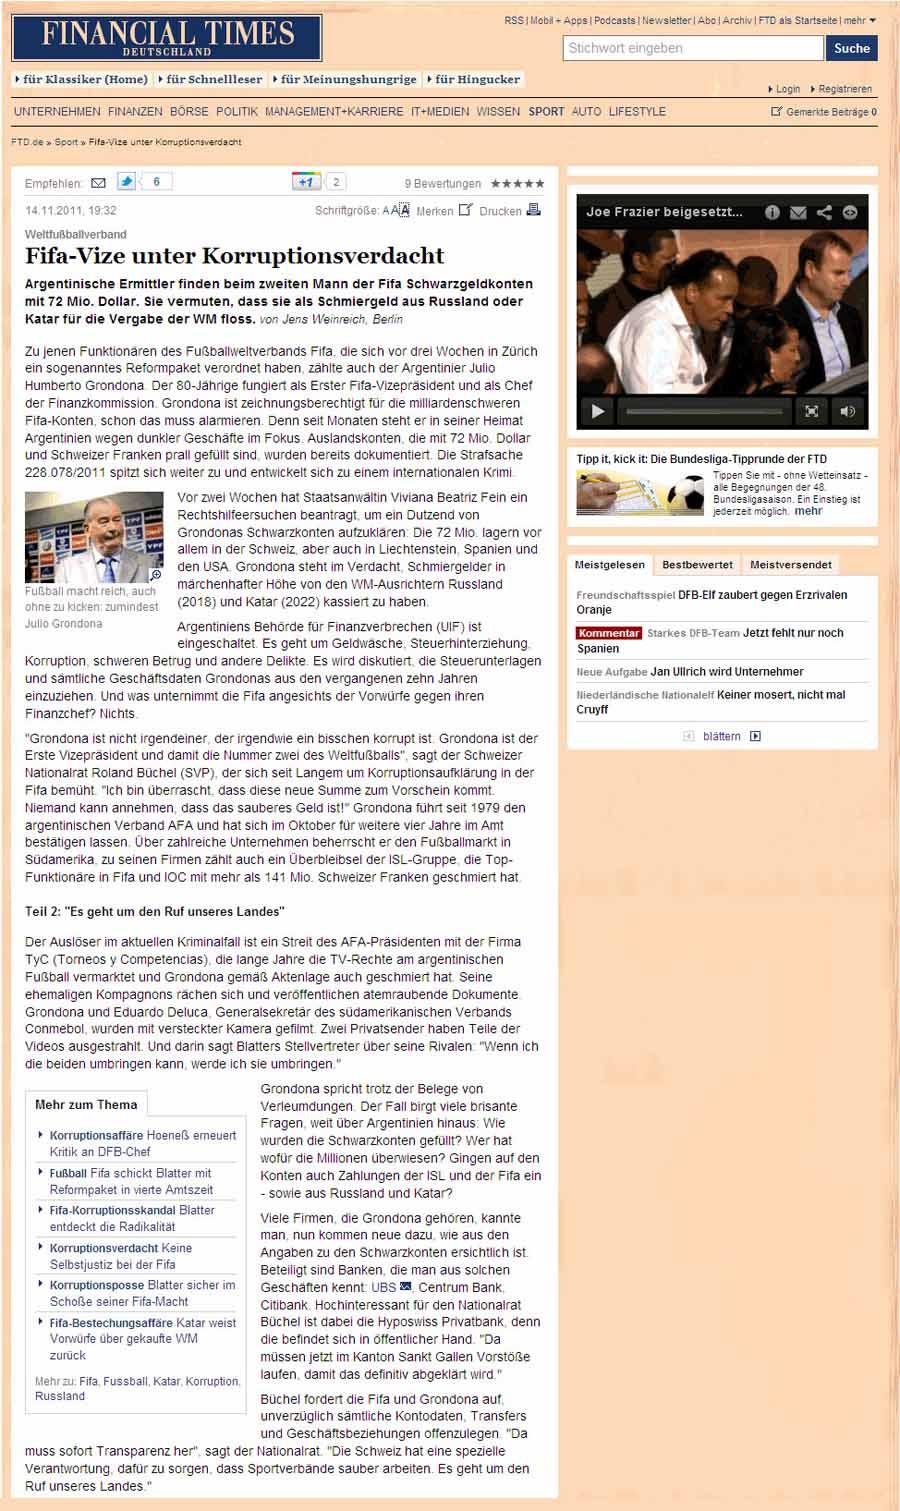 Financial Times: FIFA Korruption - Roland Rino Büchel (Fifa-Vize unter Korruptions-Verdacht)